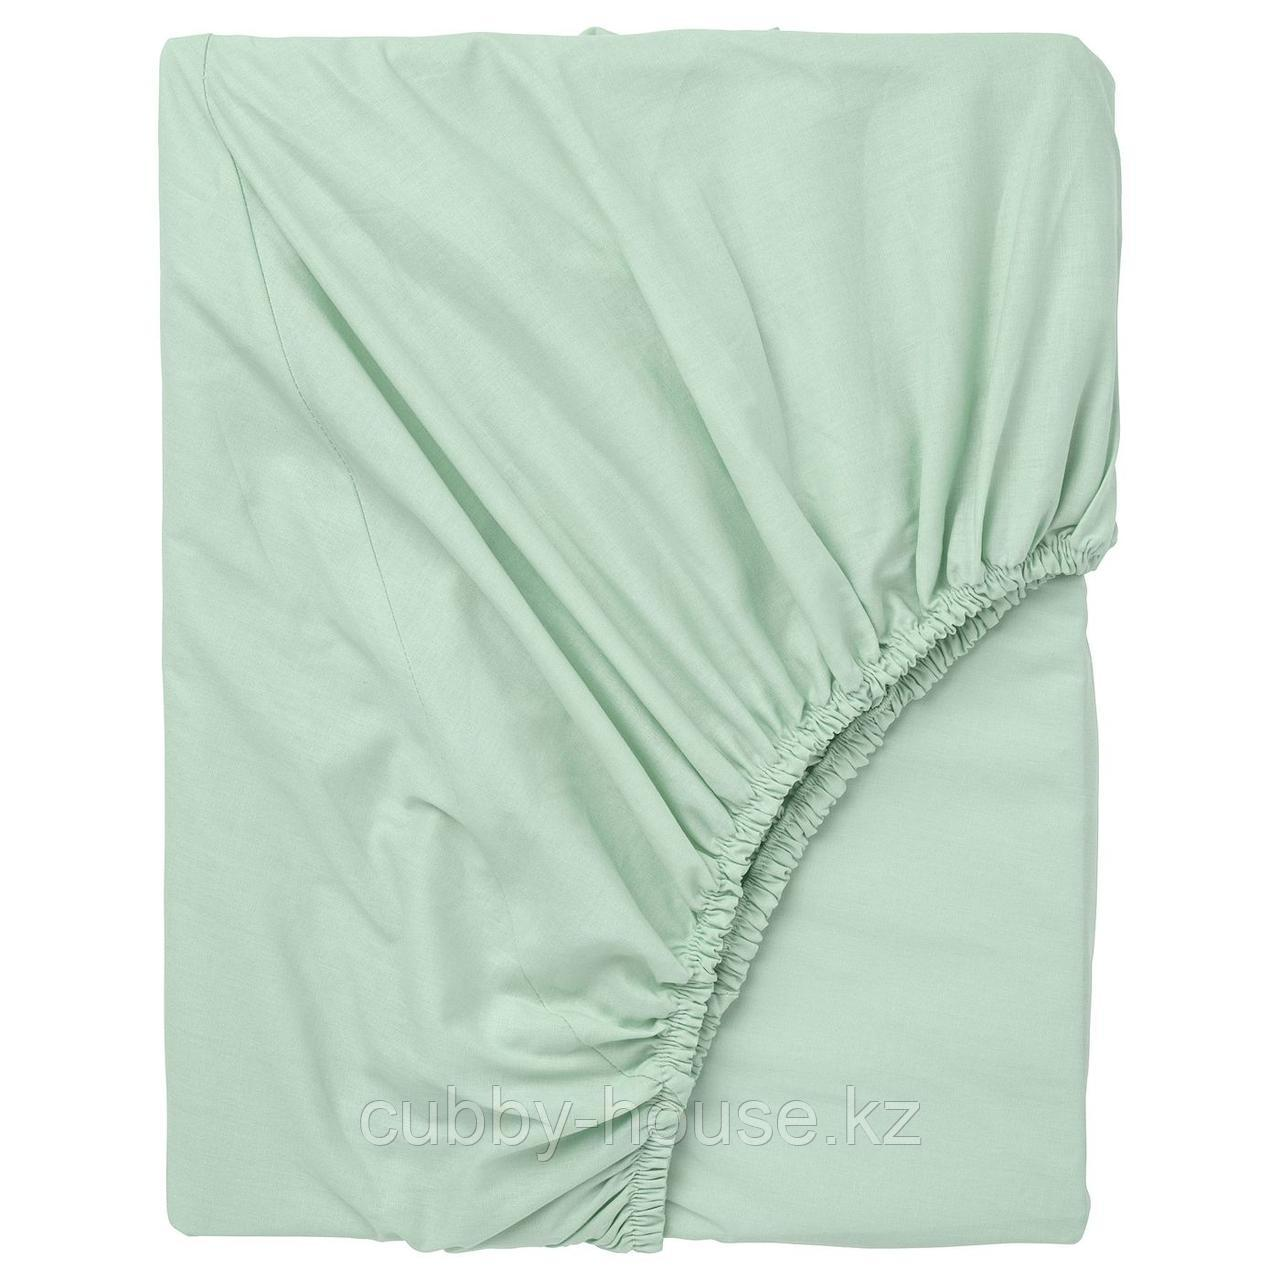 ДВАЛА Простыня натяжная, светло-зеленый, 80x200 см